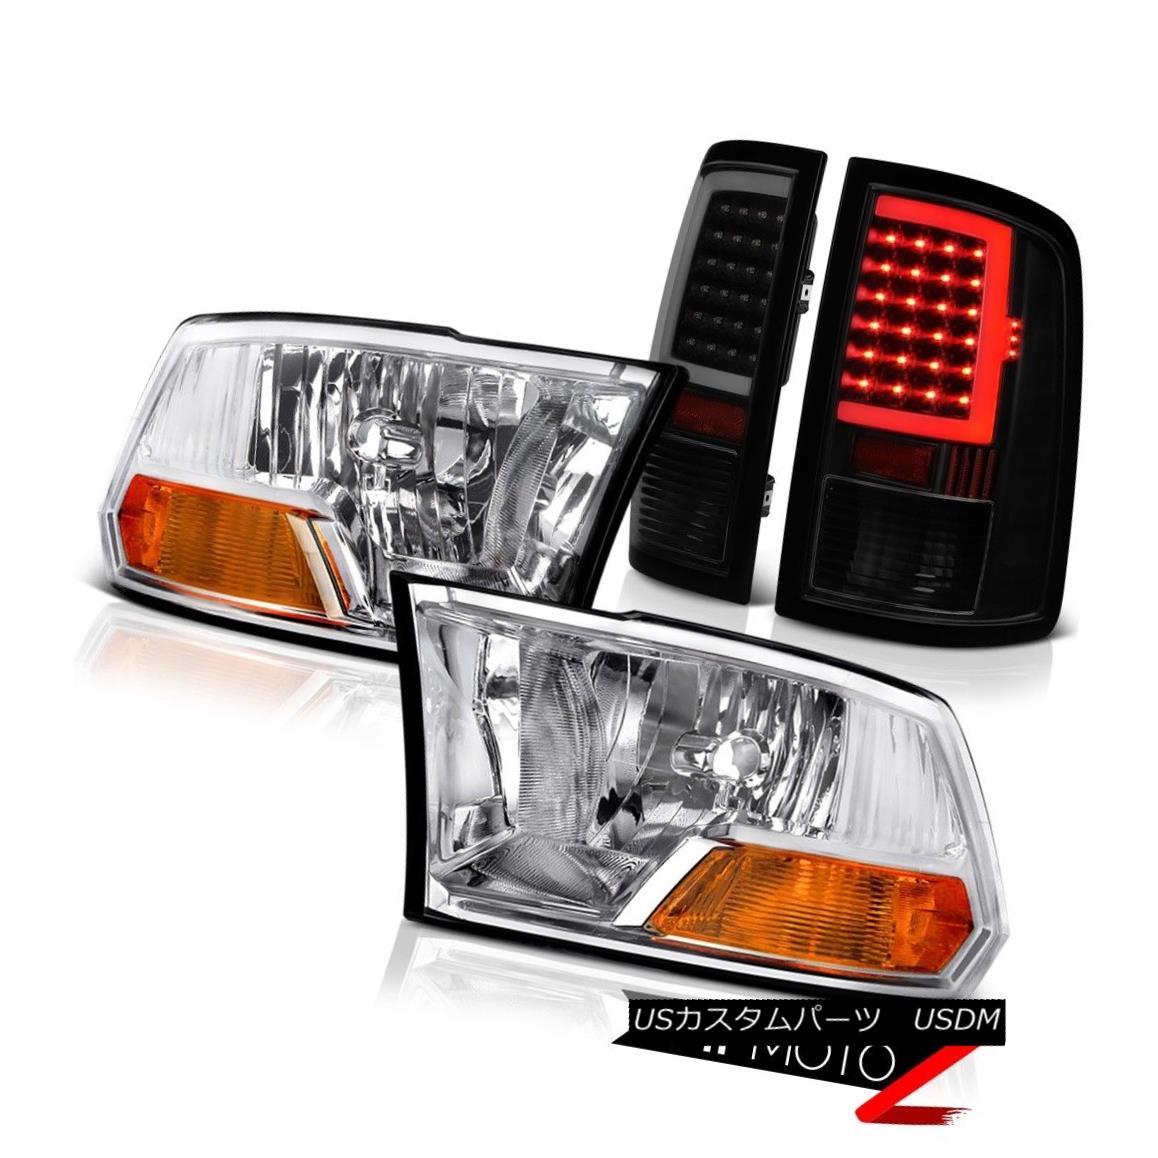 テールライト 2010-2018 Dodge RAM 1500 LED Tail Lights Euro Chrome Factory Style Headlamps SET 2010-2018ダッジRAM 1500 LEDテールライトユーロクローム工場スタイルヘッドランプSET